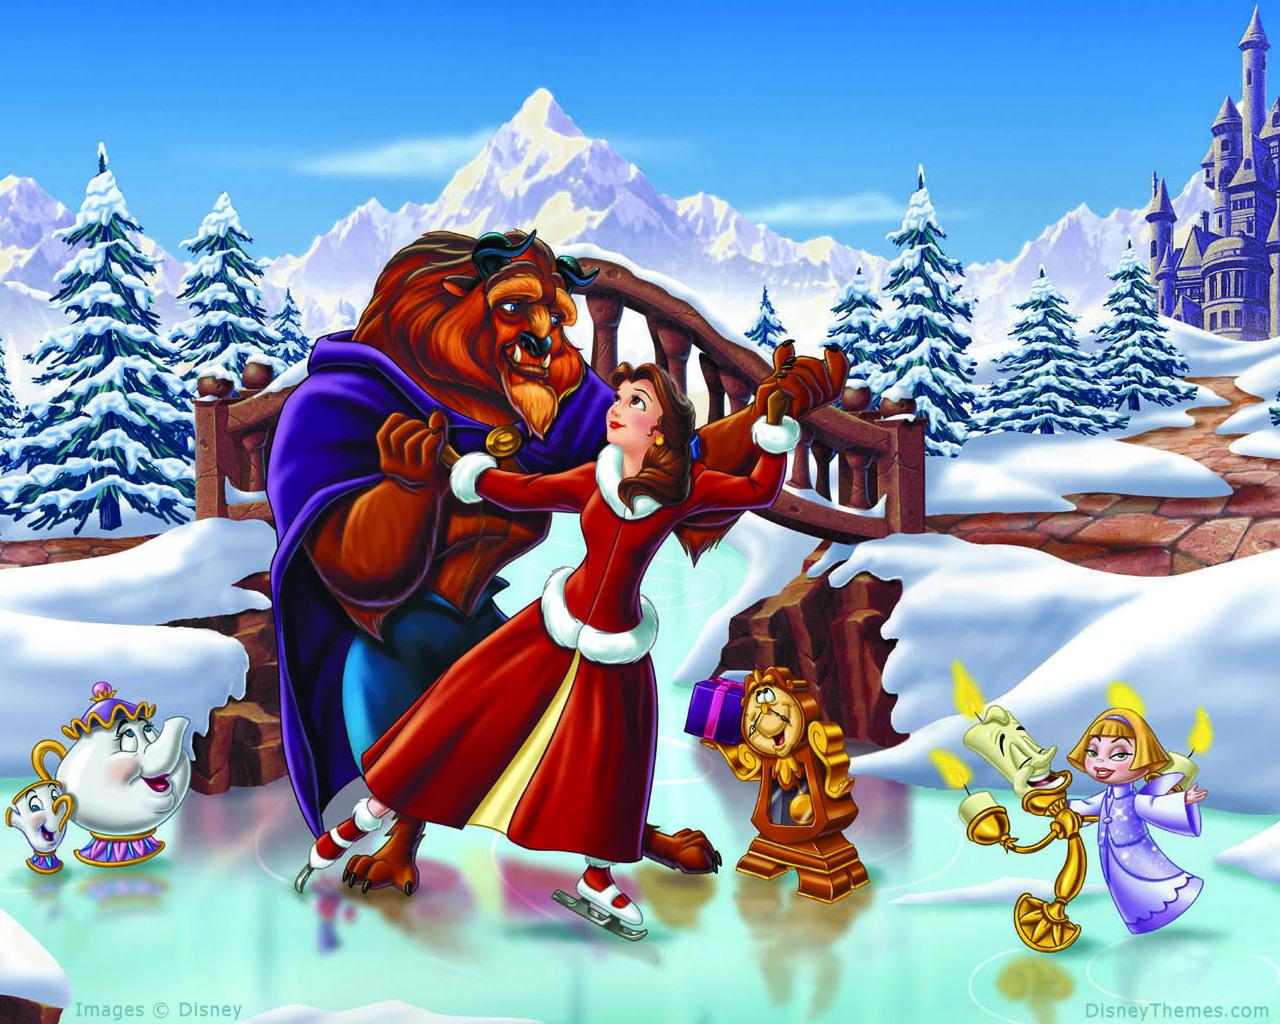 http://4.bp.blogspot.com/-UI8Mv-591Vk/TrdQGH2130I/AAAAAAAAMSo/YDYEfutJCBk/s1600/Disney%2BChristmas%2BWallpaper%2B%2525281%252529.jpg